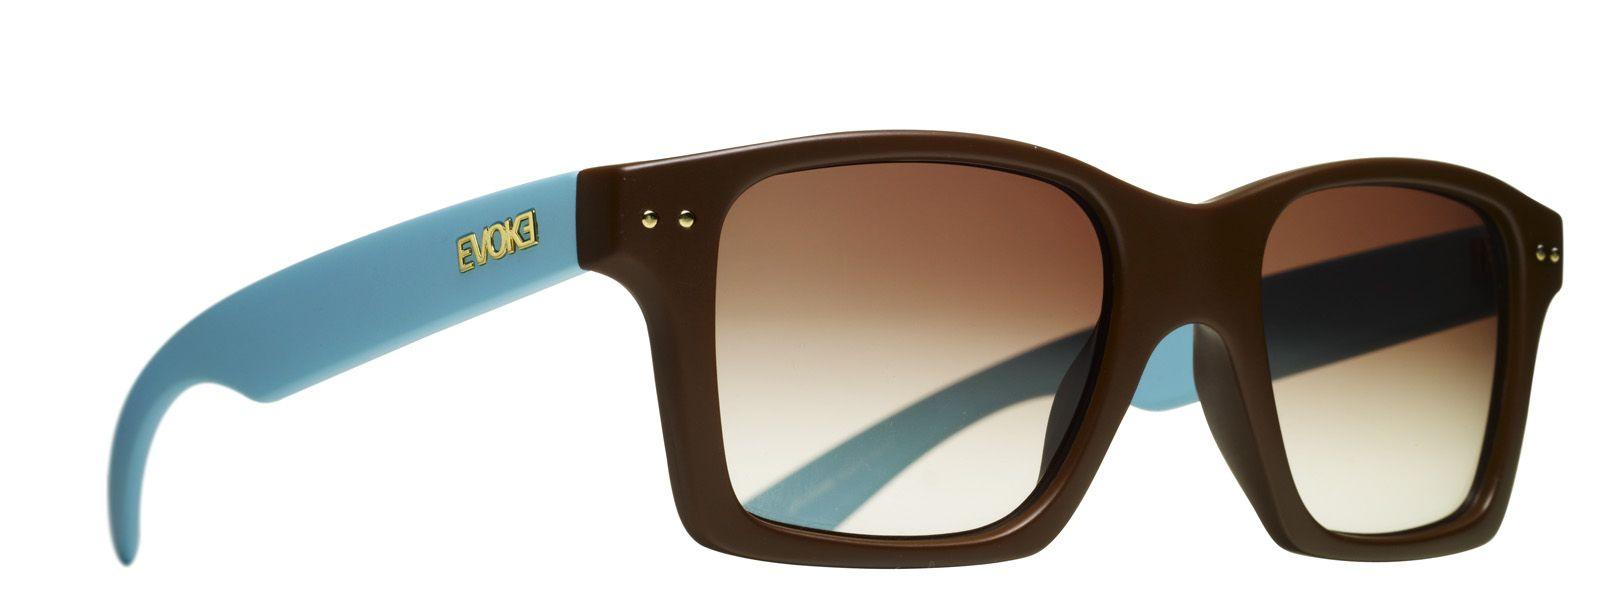 fabc284fef7cd Trigger Brown Temple Blue Gold Brown Gradient. Design exclusivo do Studio  Evoke. Produzido à